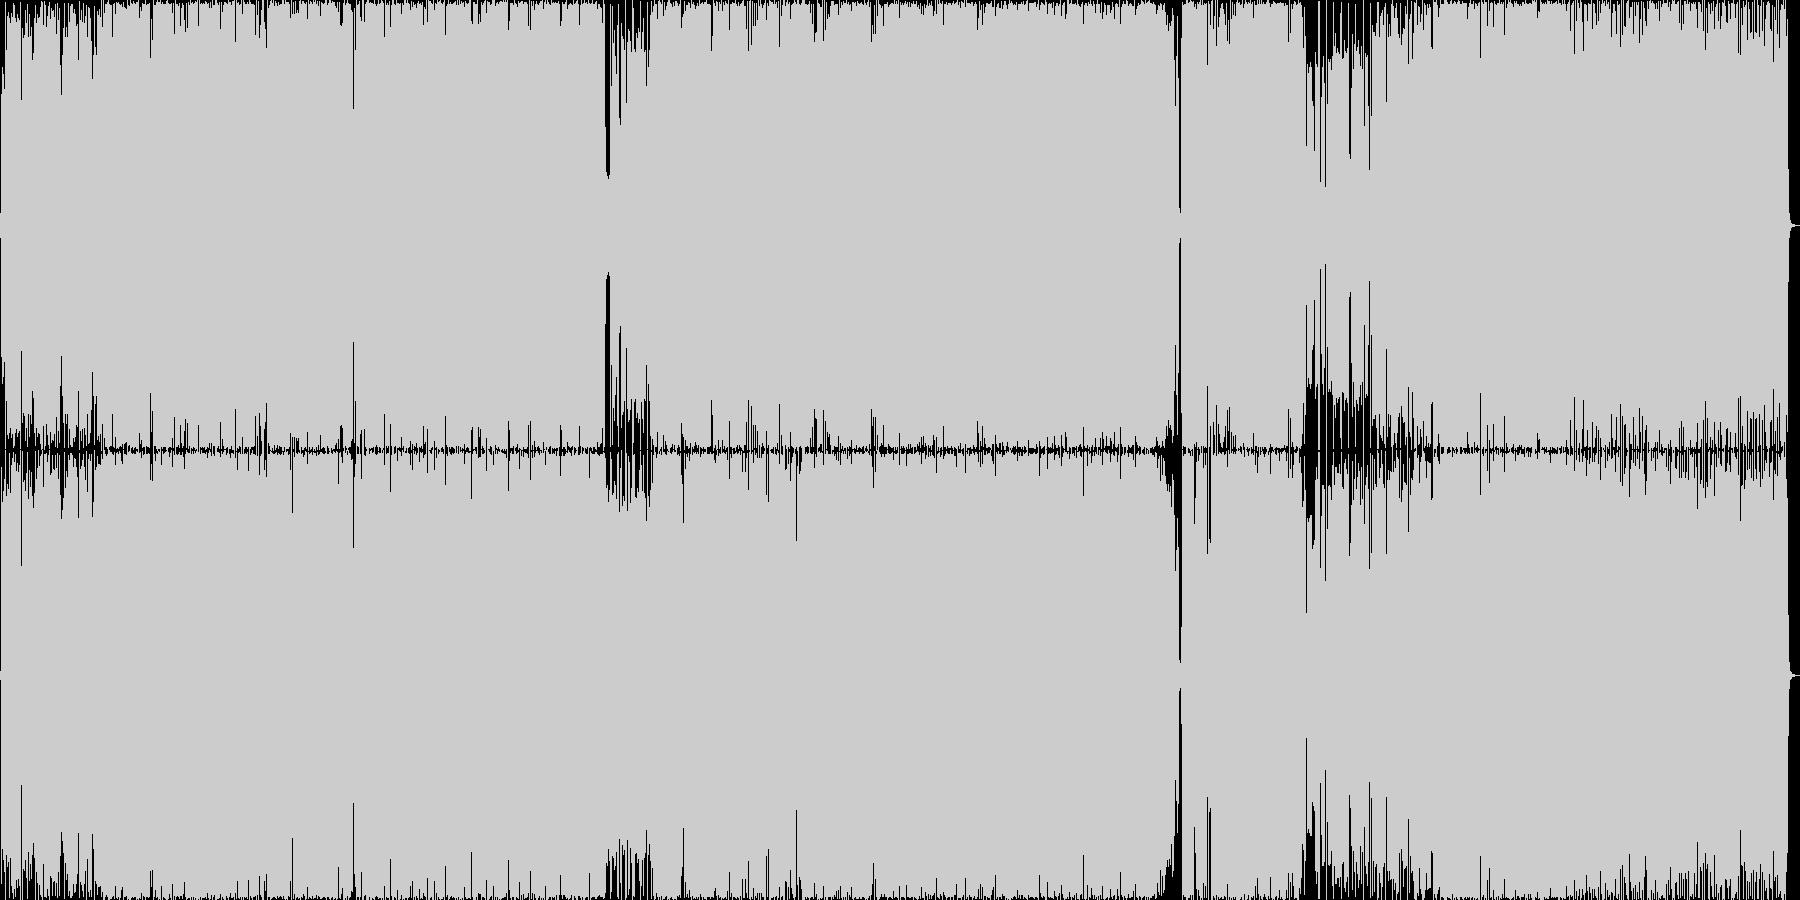 レッツ軽音楽!ビタミンロック!の未再生の波形